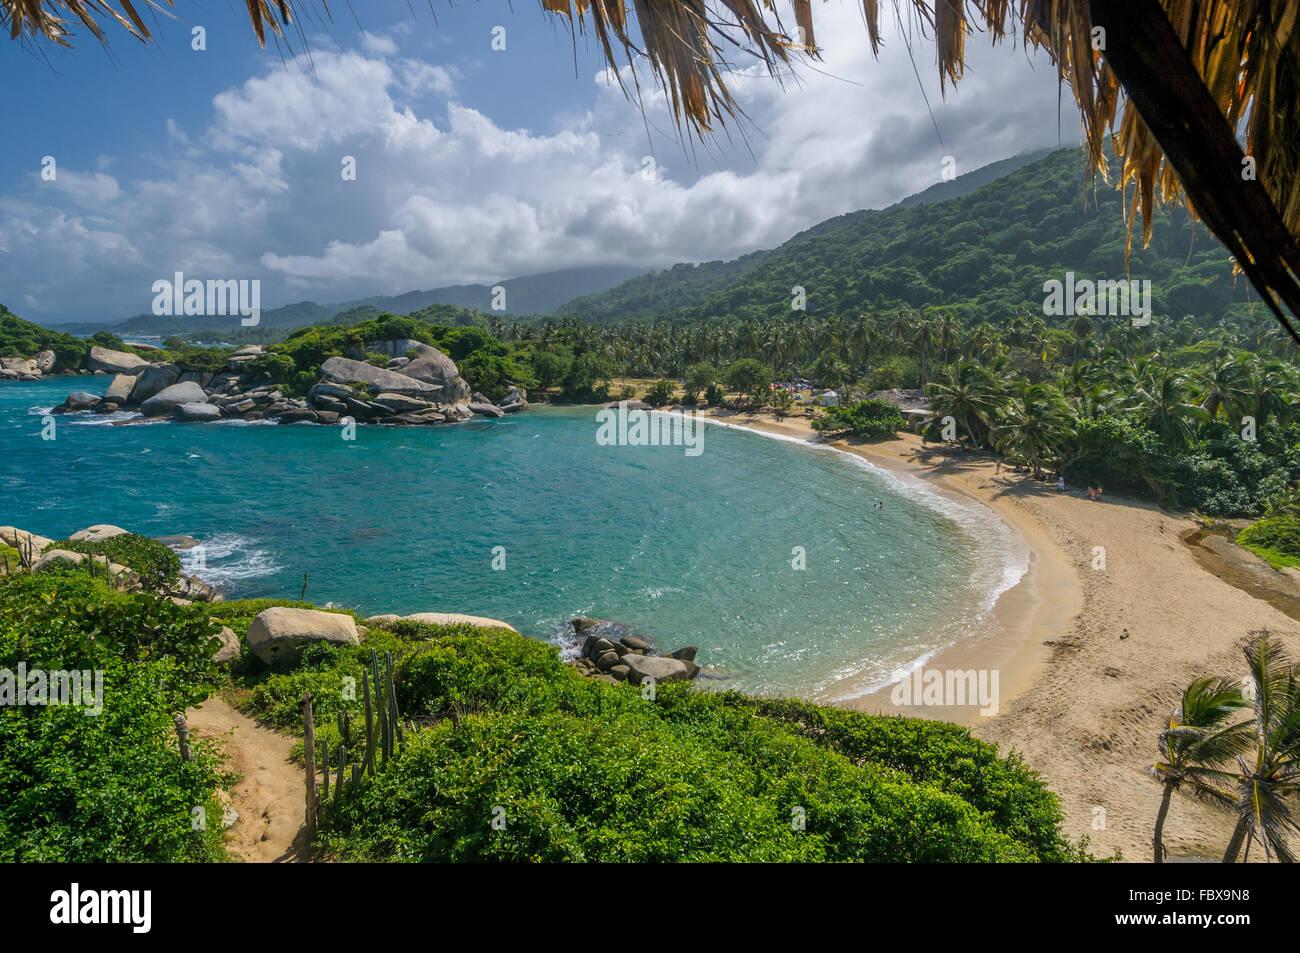 Cabo San Juan, Tayrona national park, Colombia - Stock Image